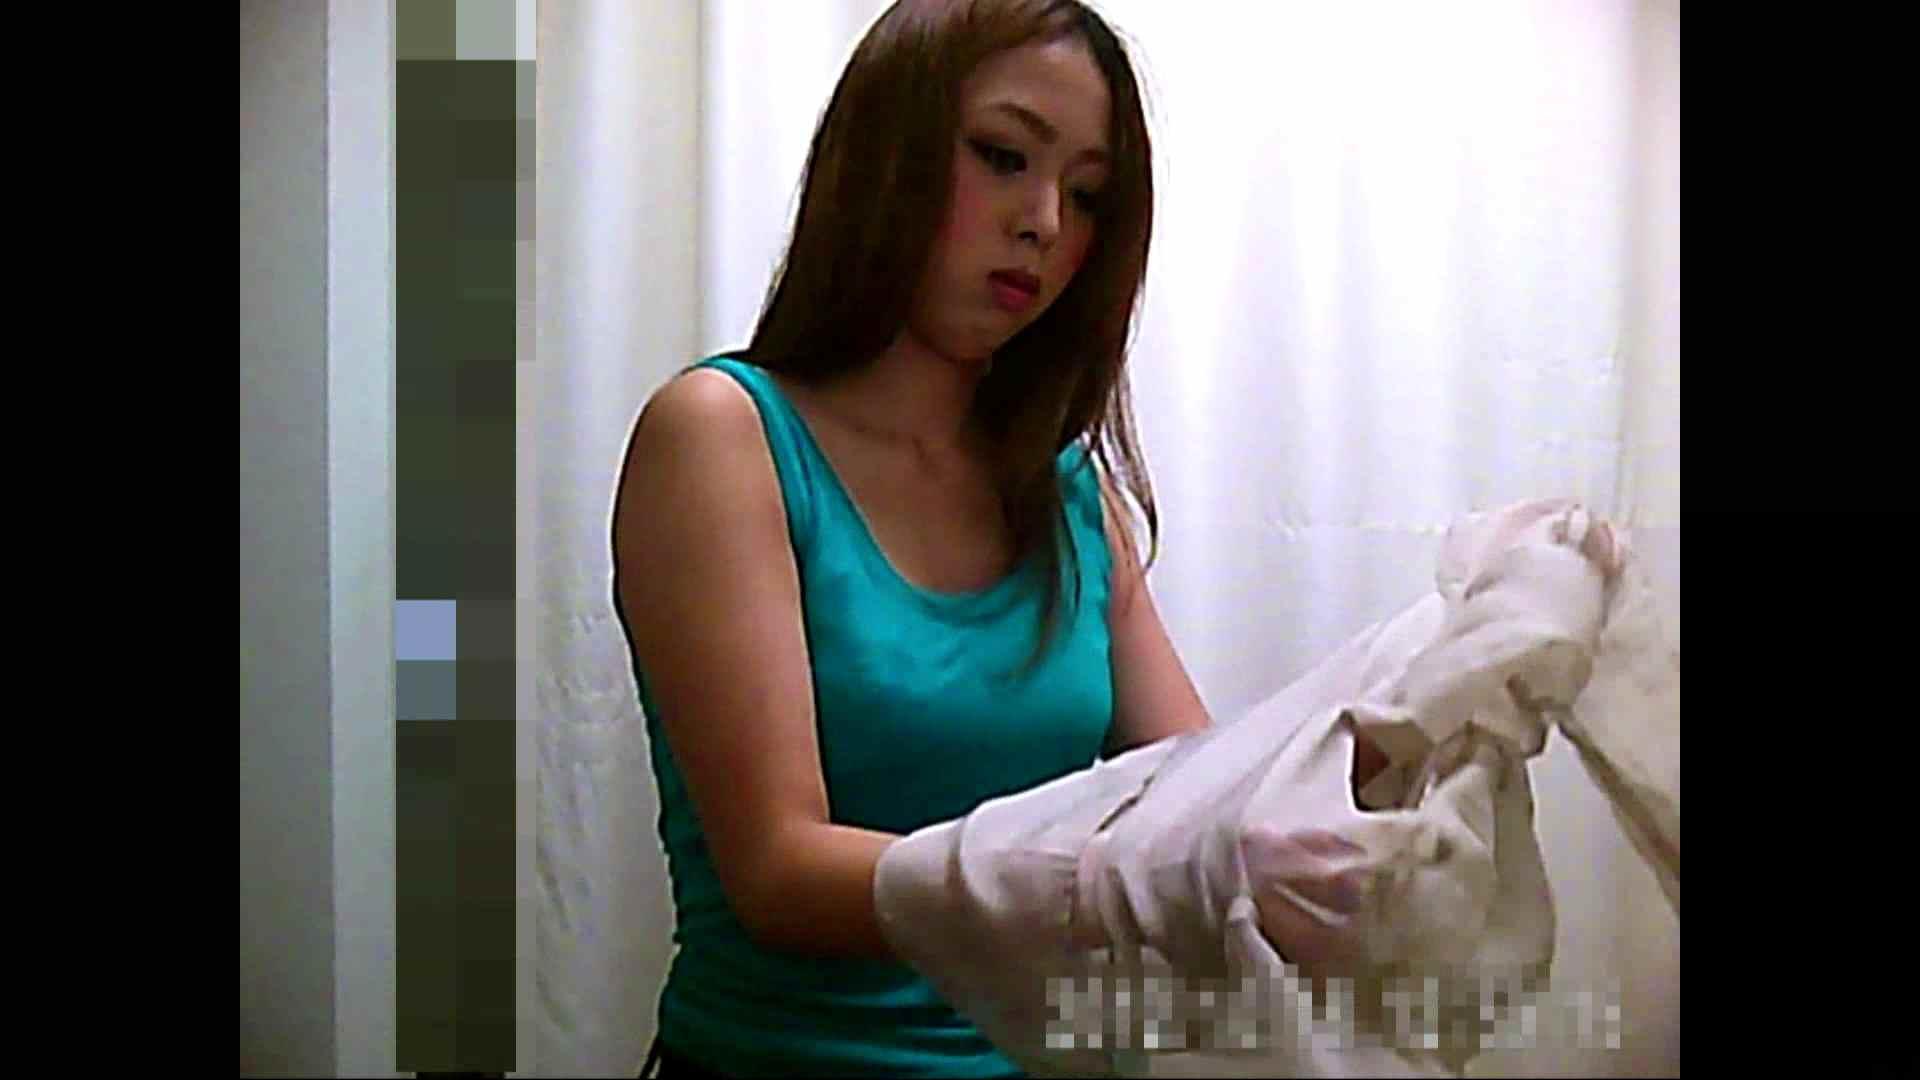 病院おもいっきり着替え! vol.243 巨乳 | 女体盗撮  84連発 15